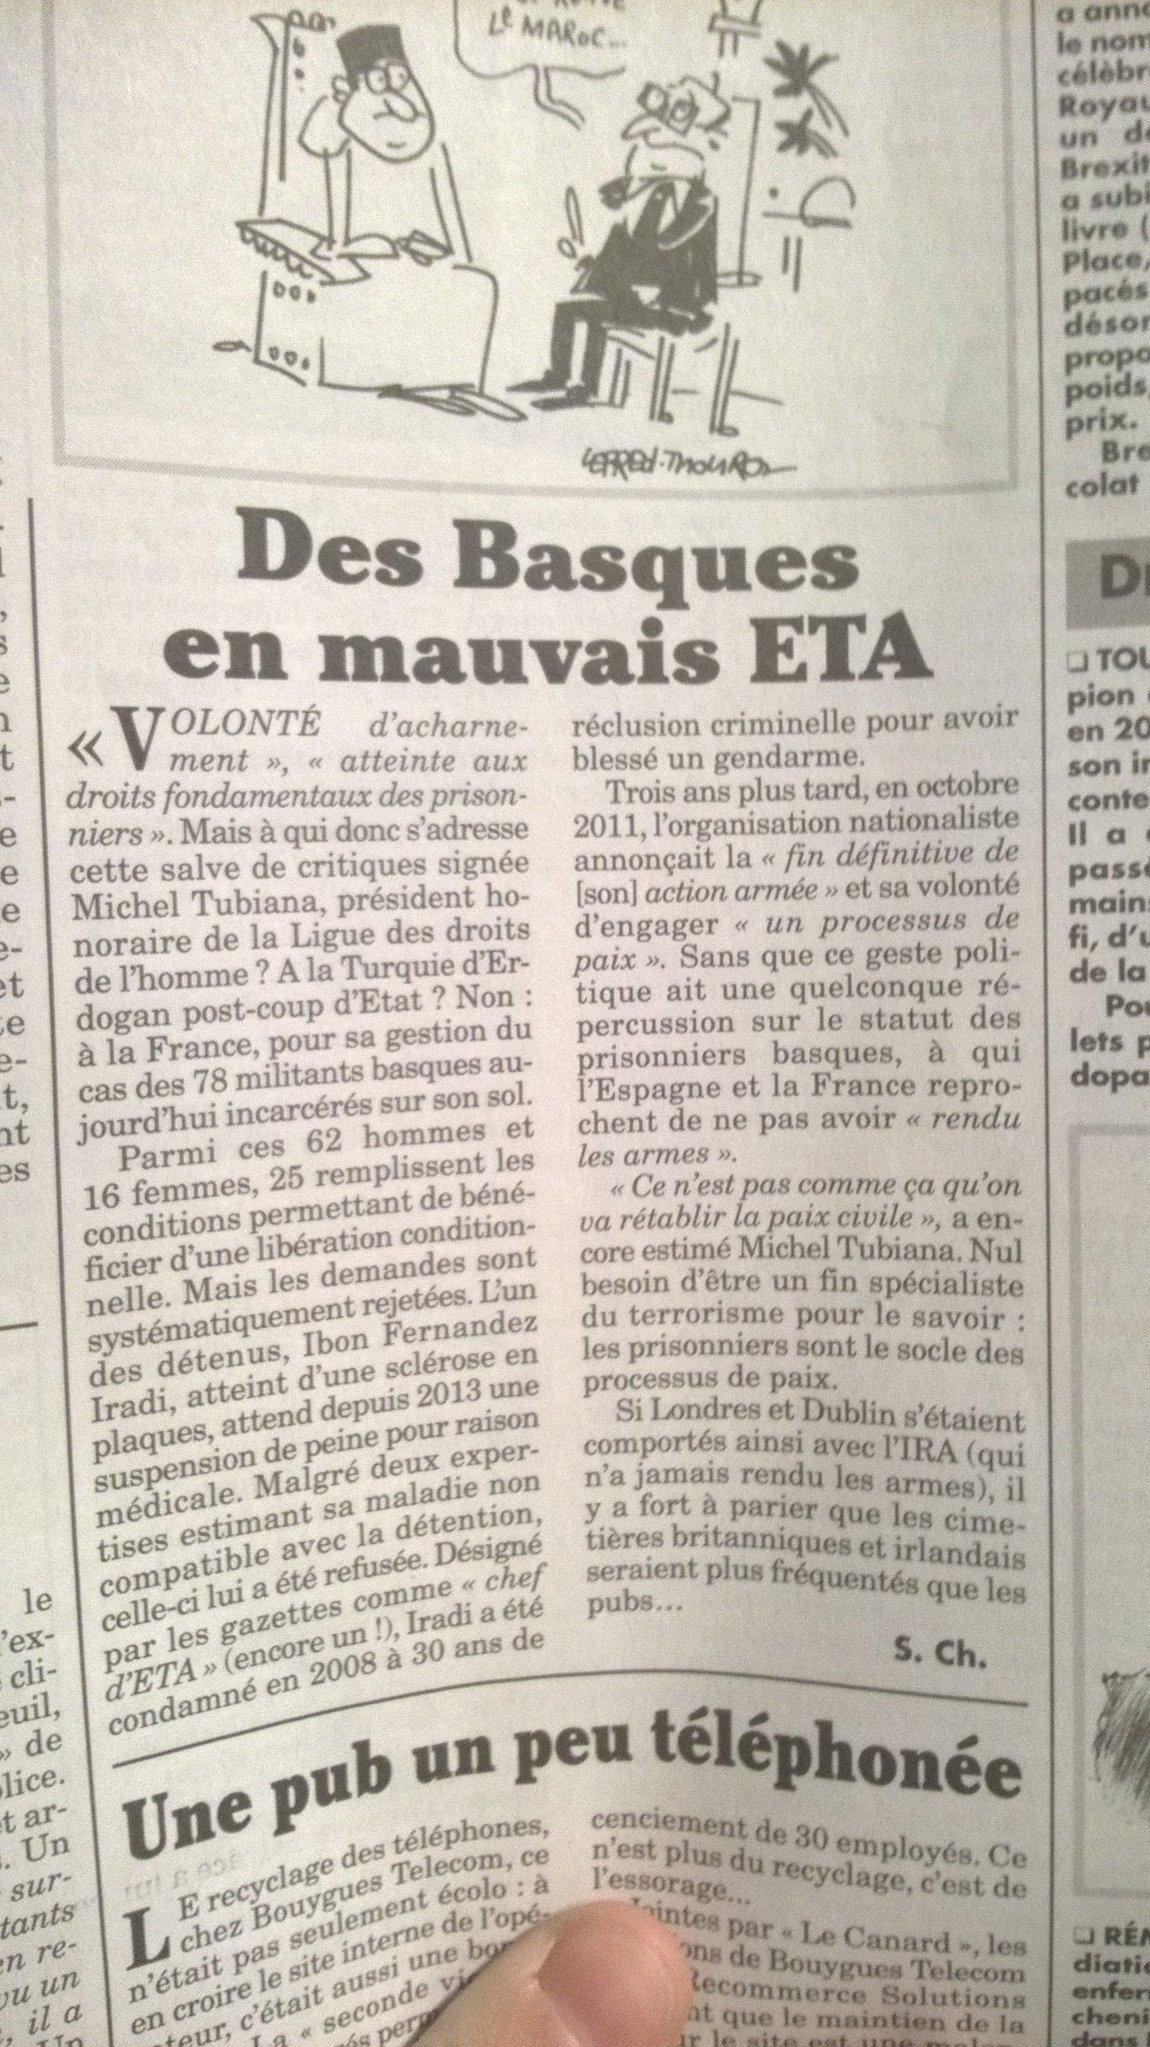 Article du Canard Enchaîné : Des Basques en mauvais ETA